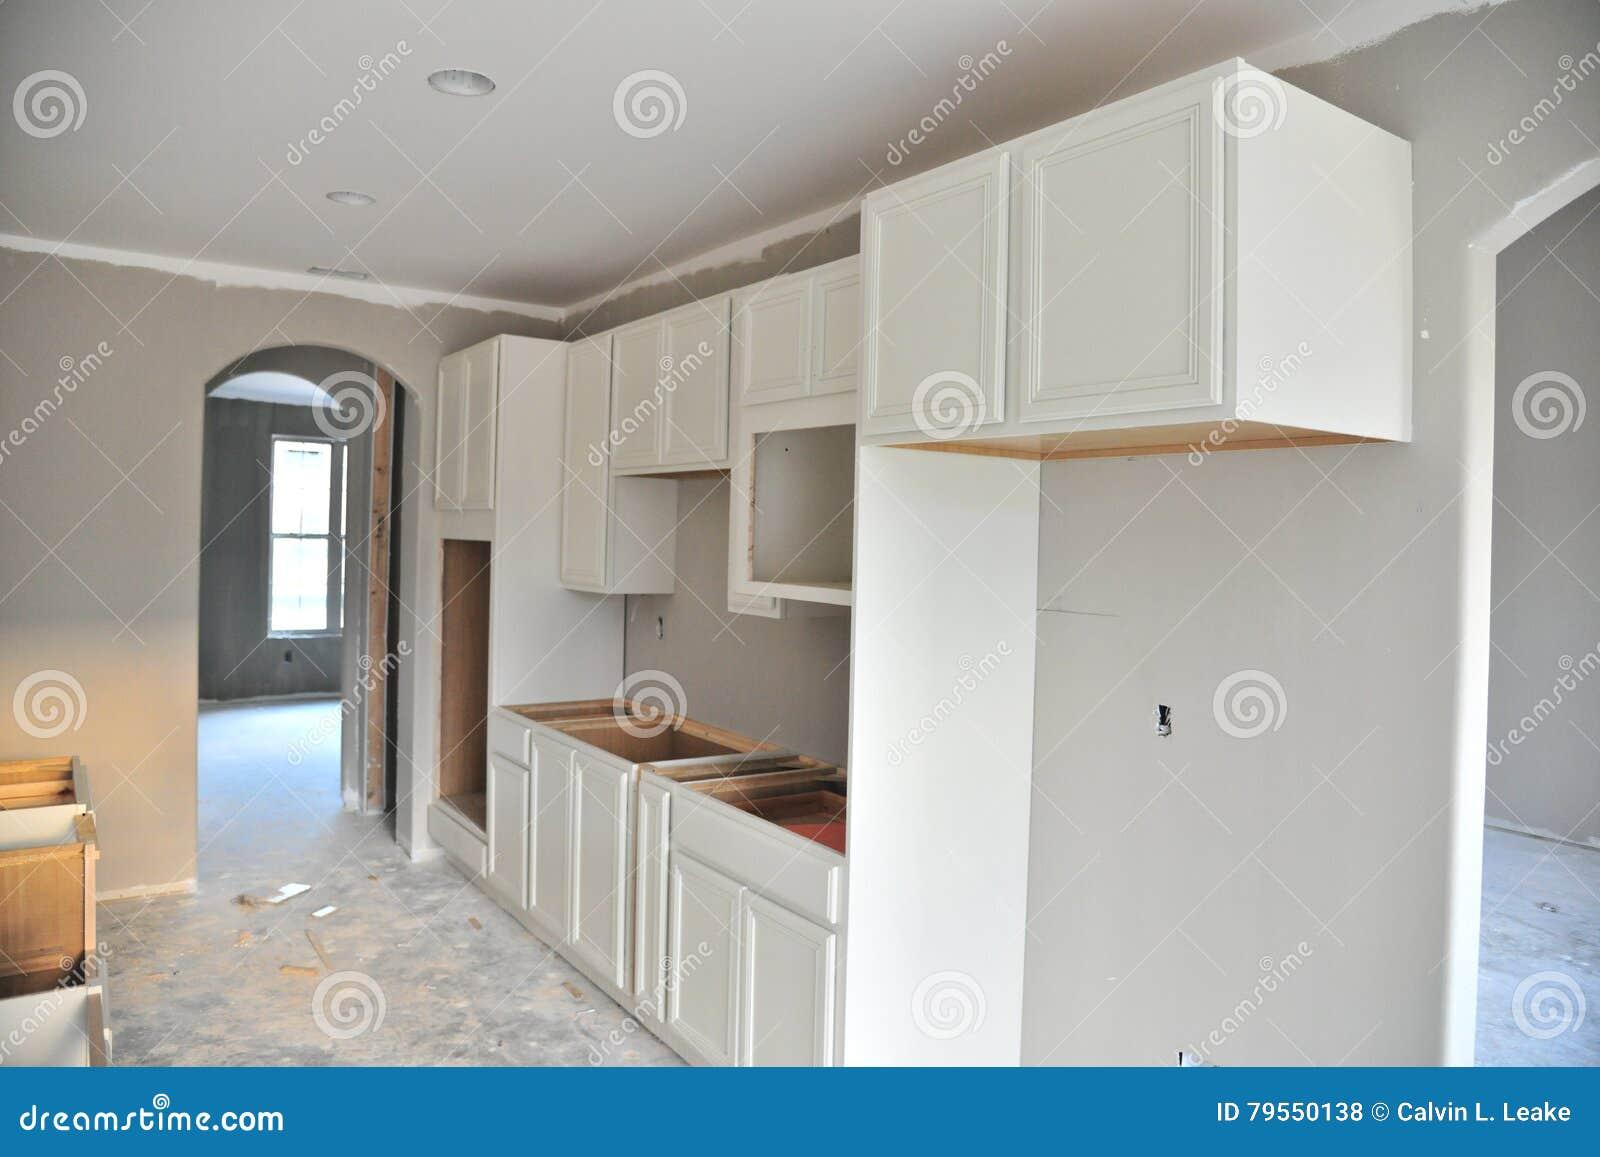 Küchenschrank, Der Projekt Umgestaltet Stockfoto - Bild von gebäude ...